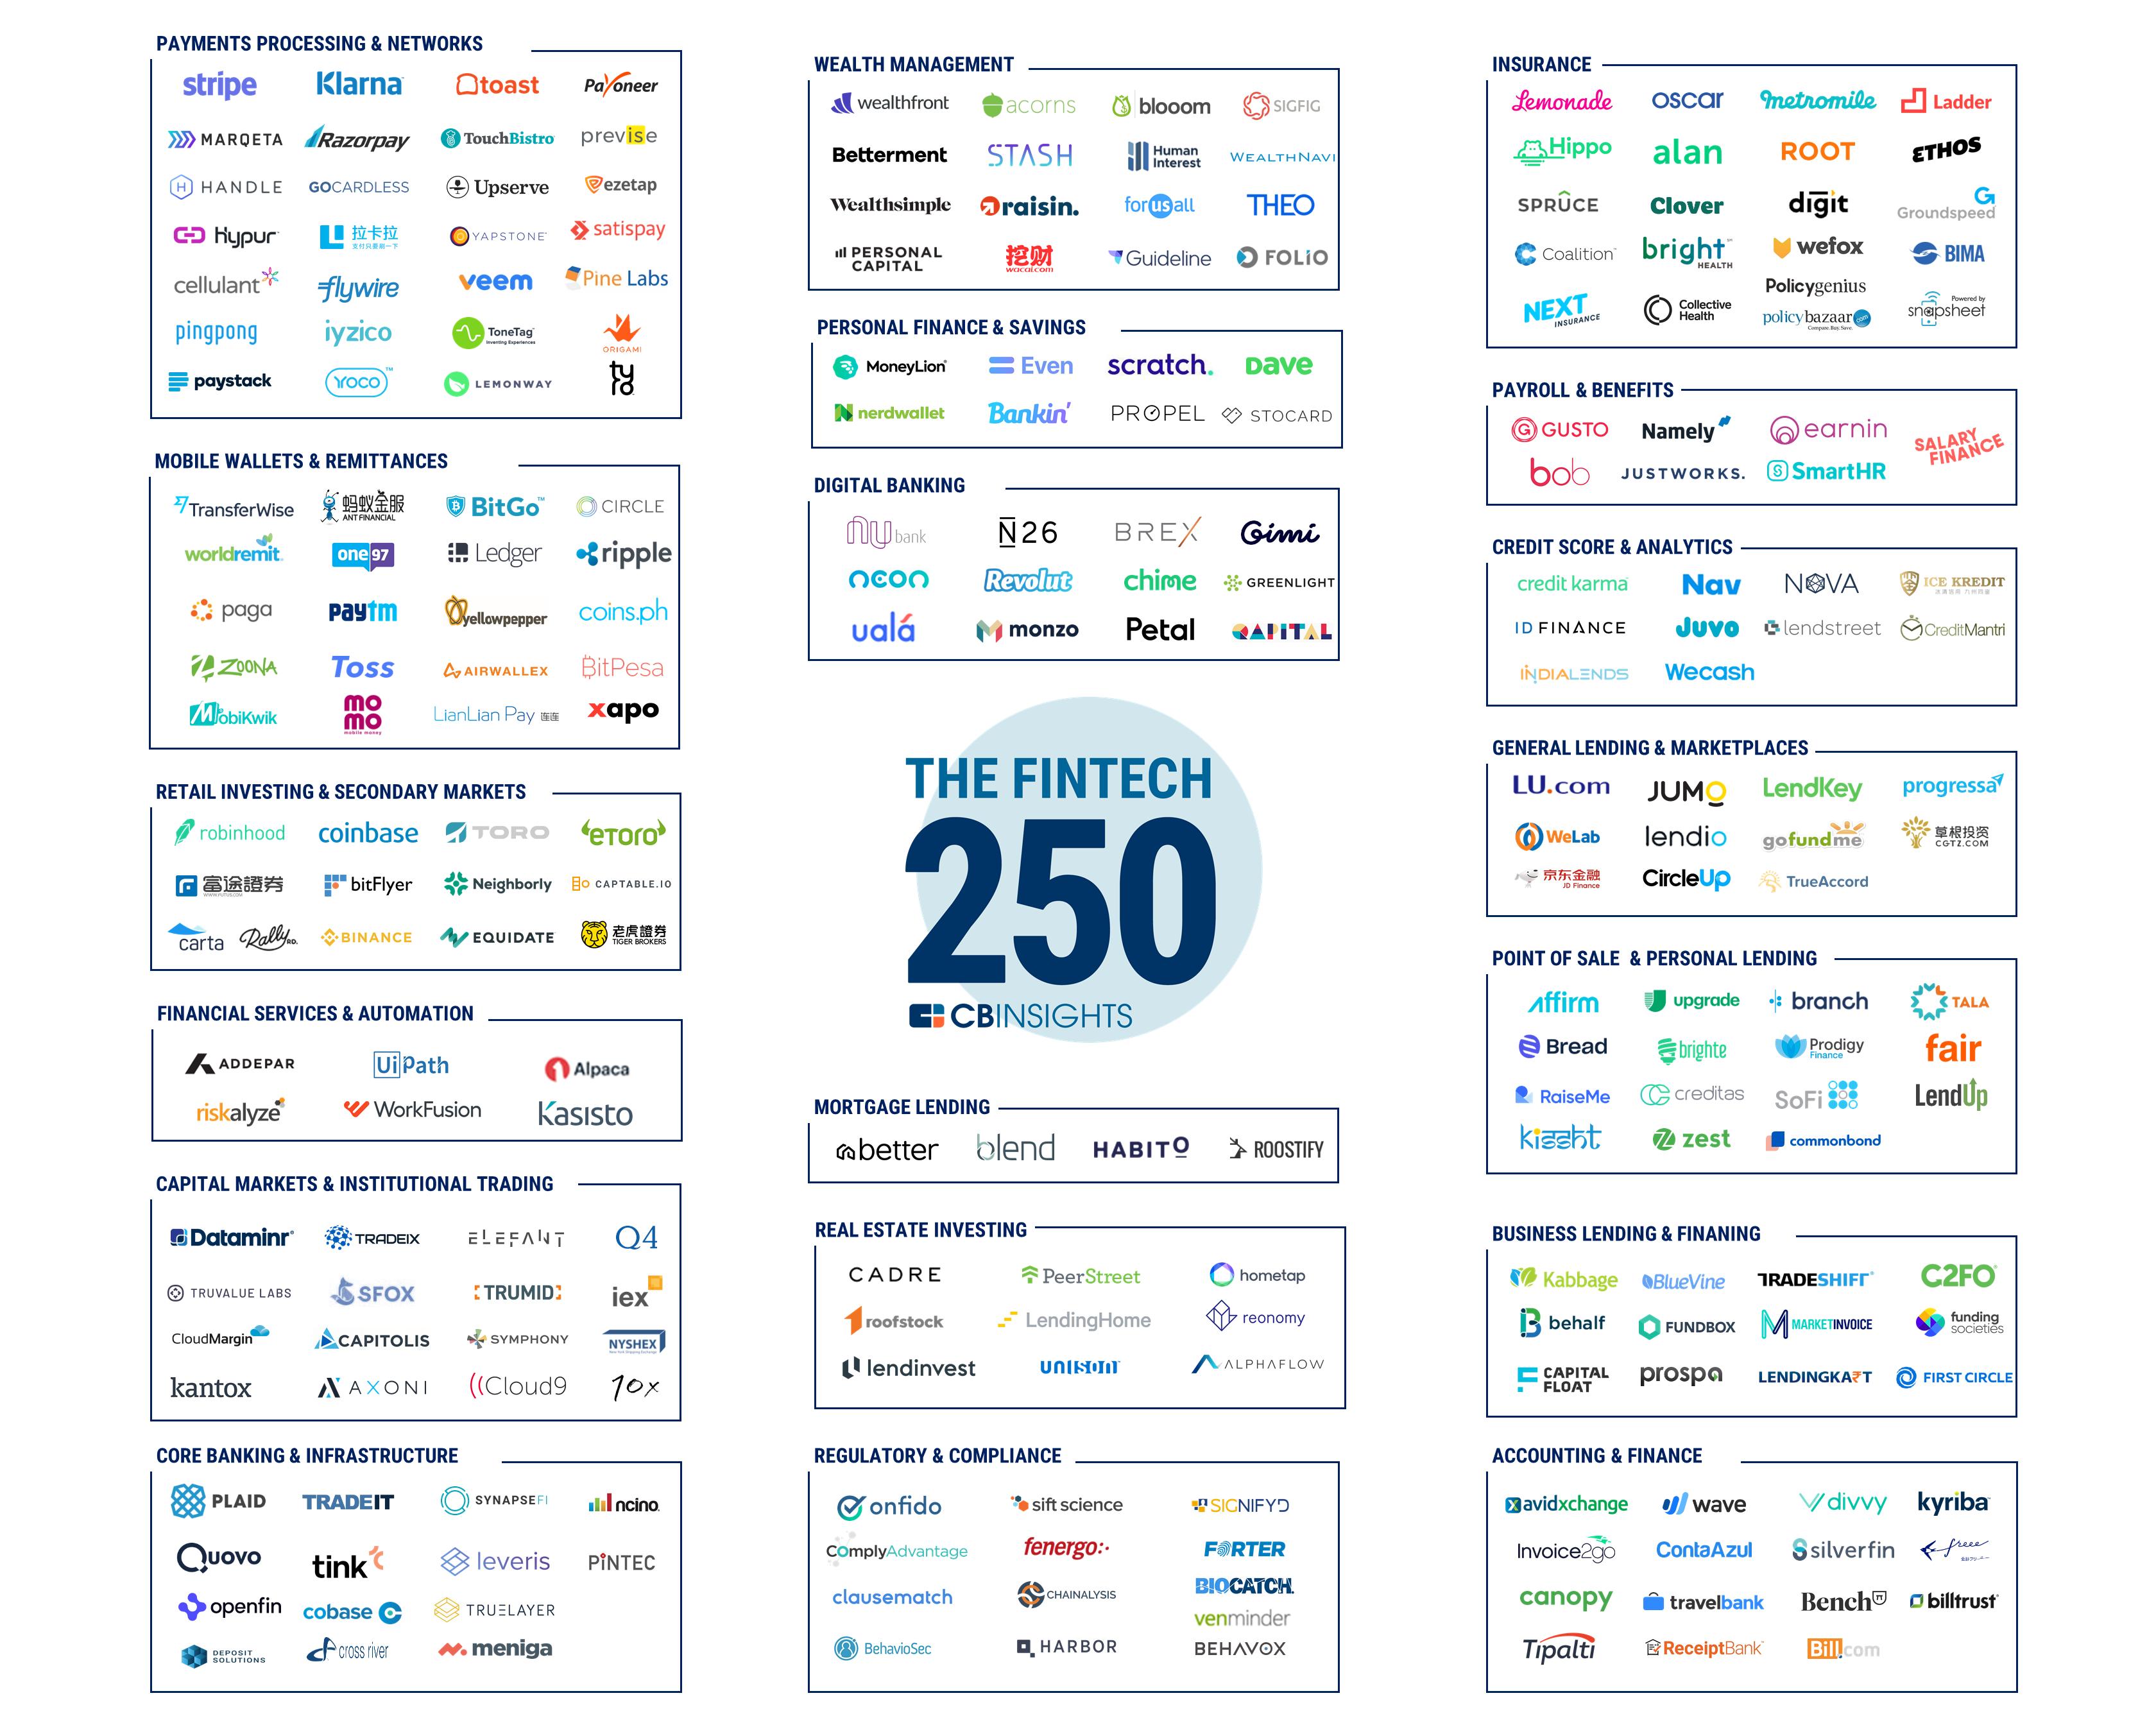 2018 Fintech 250 Market Map